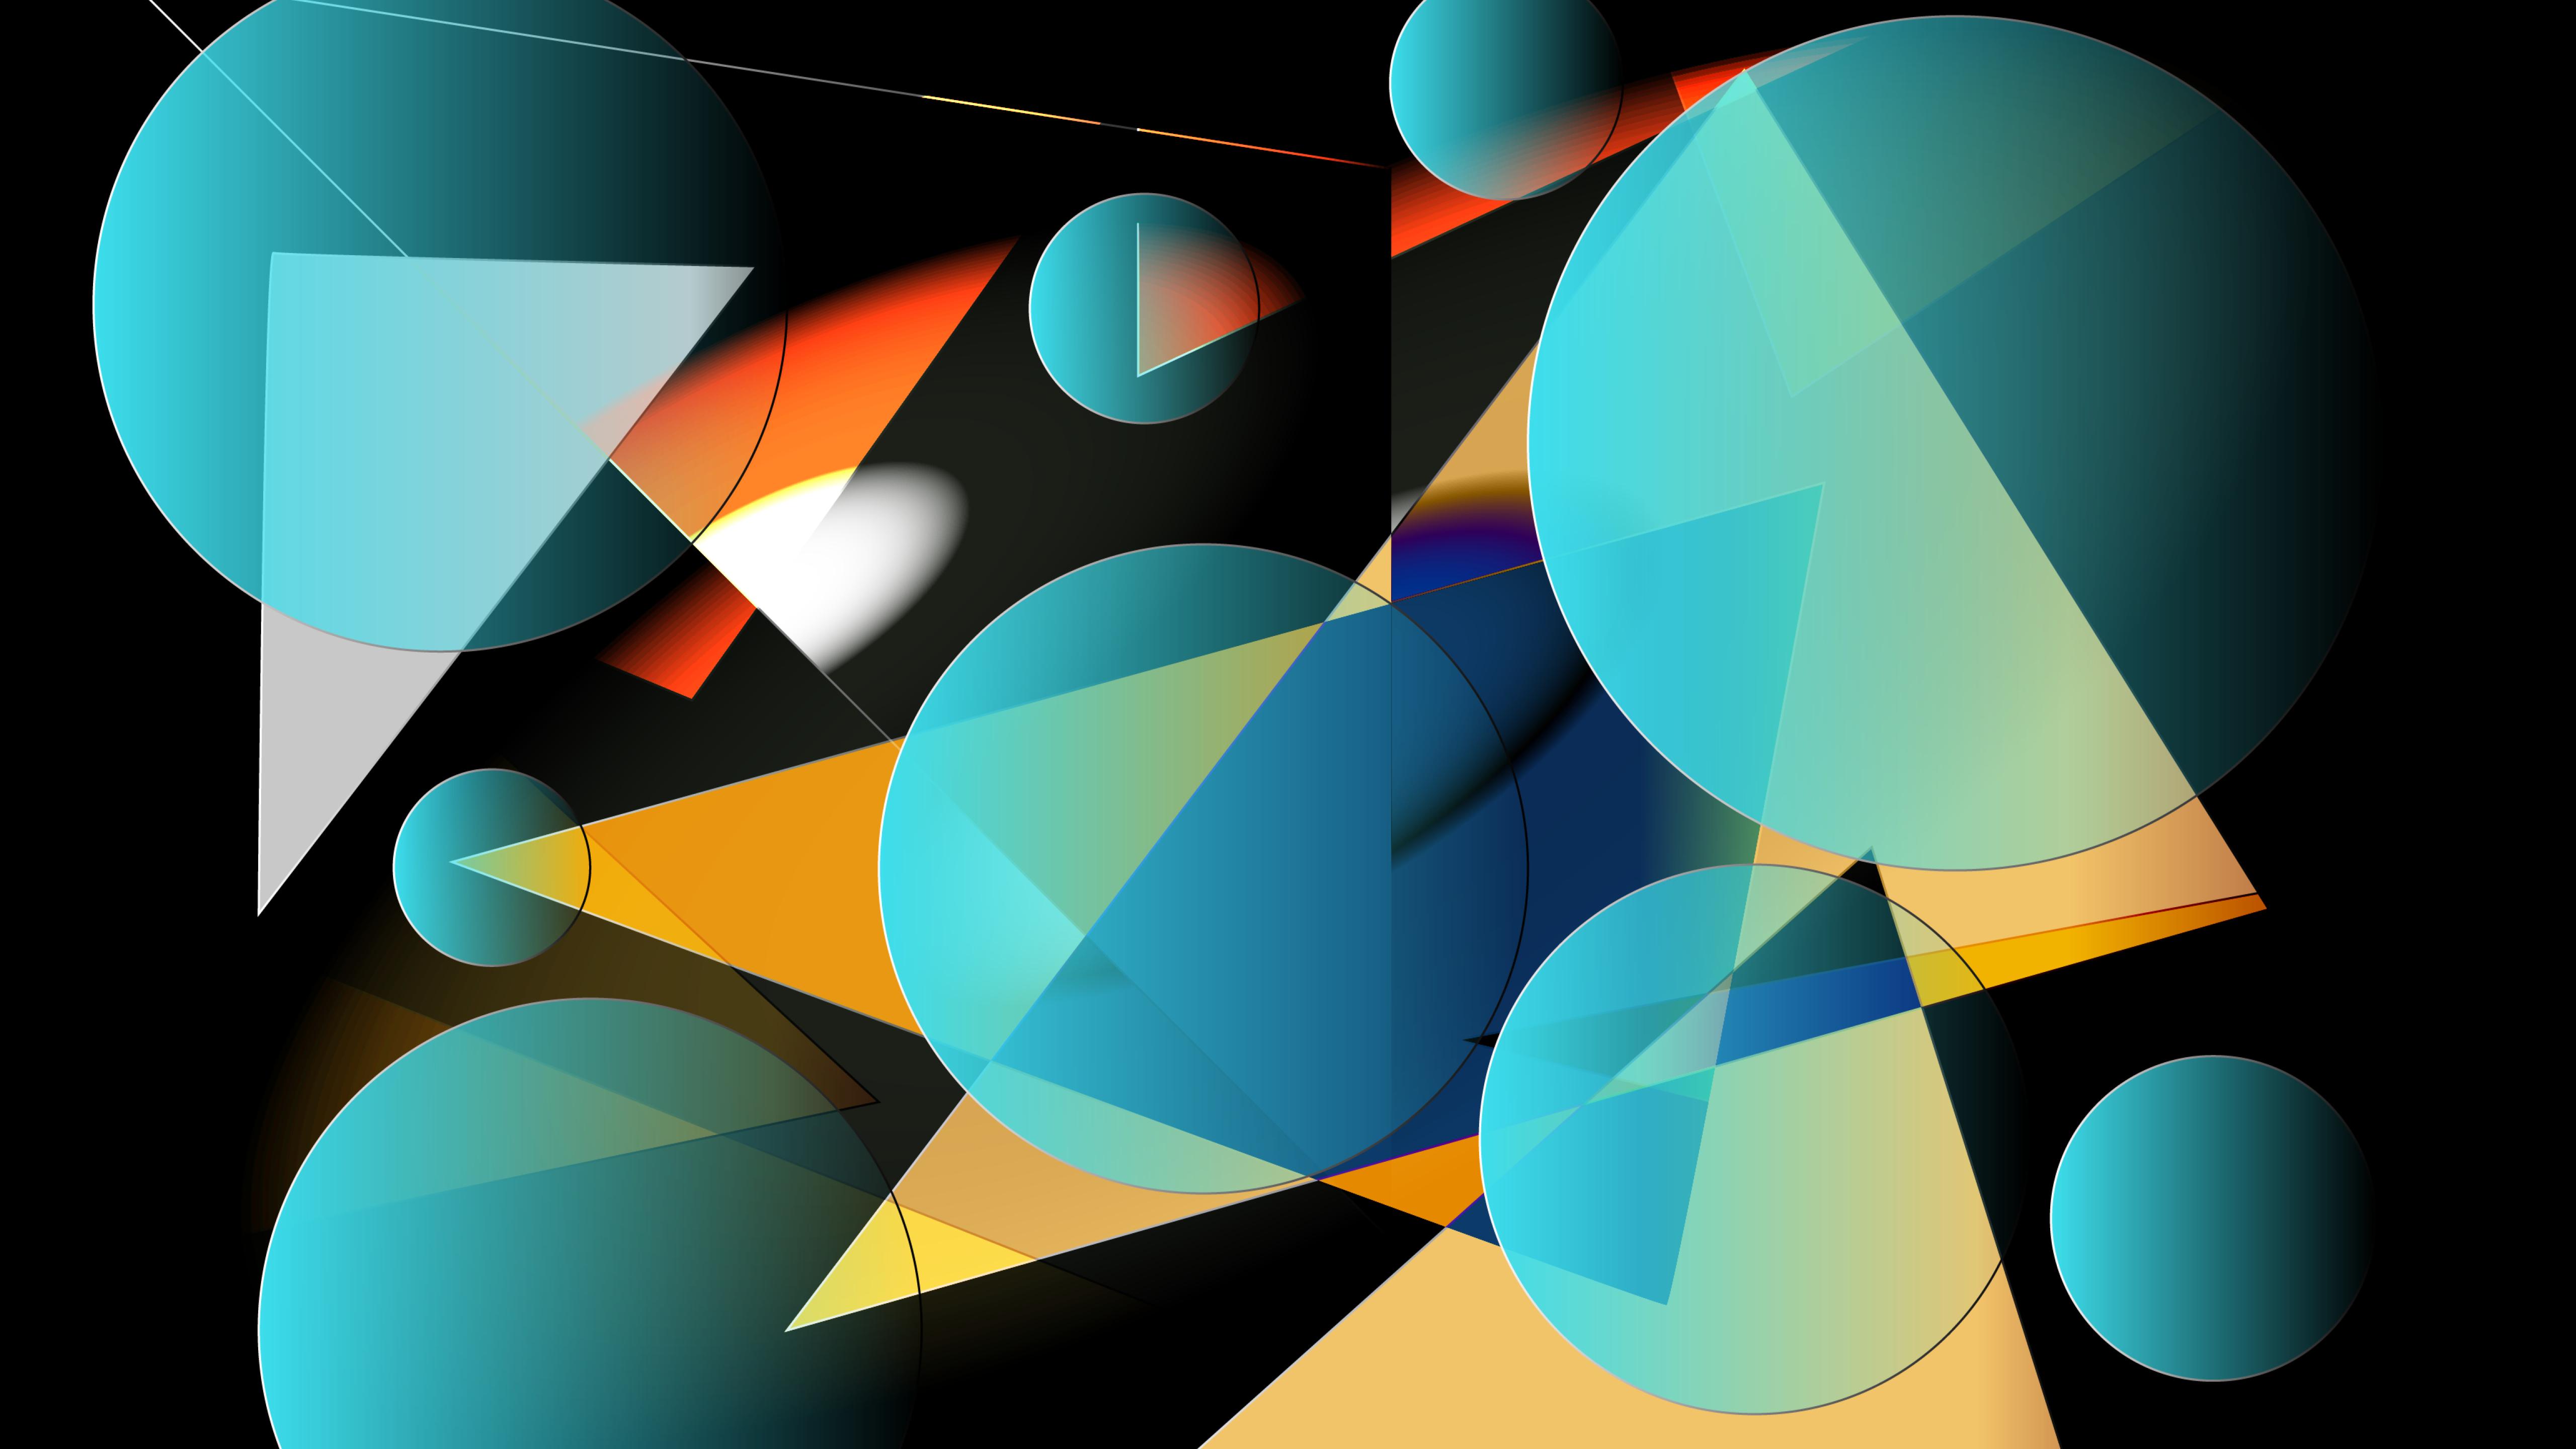 5120x2880 Multiple Geometry Blue Shapes 5K Wallpaper, HD ...